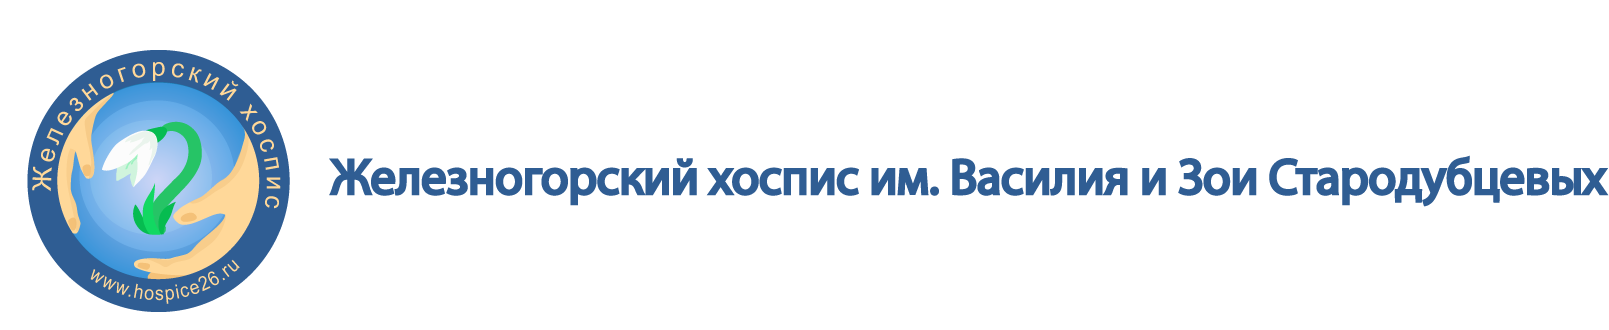 Железногорский хоспис им. Василия и Зои Стародубцевых